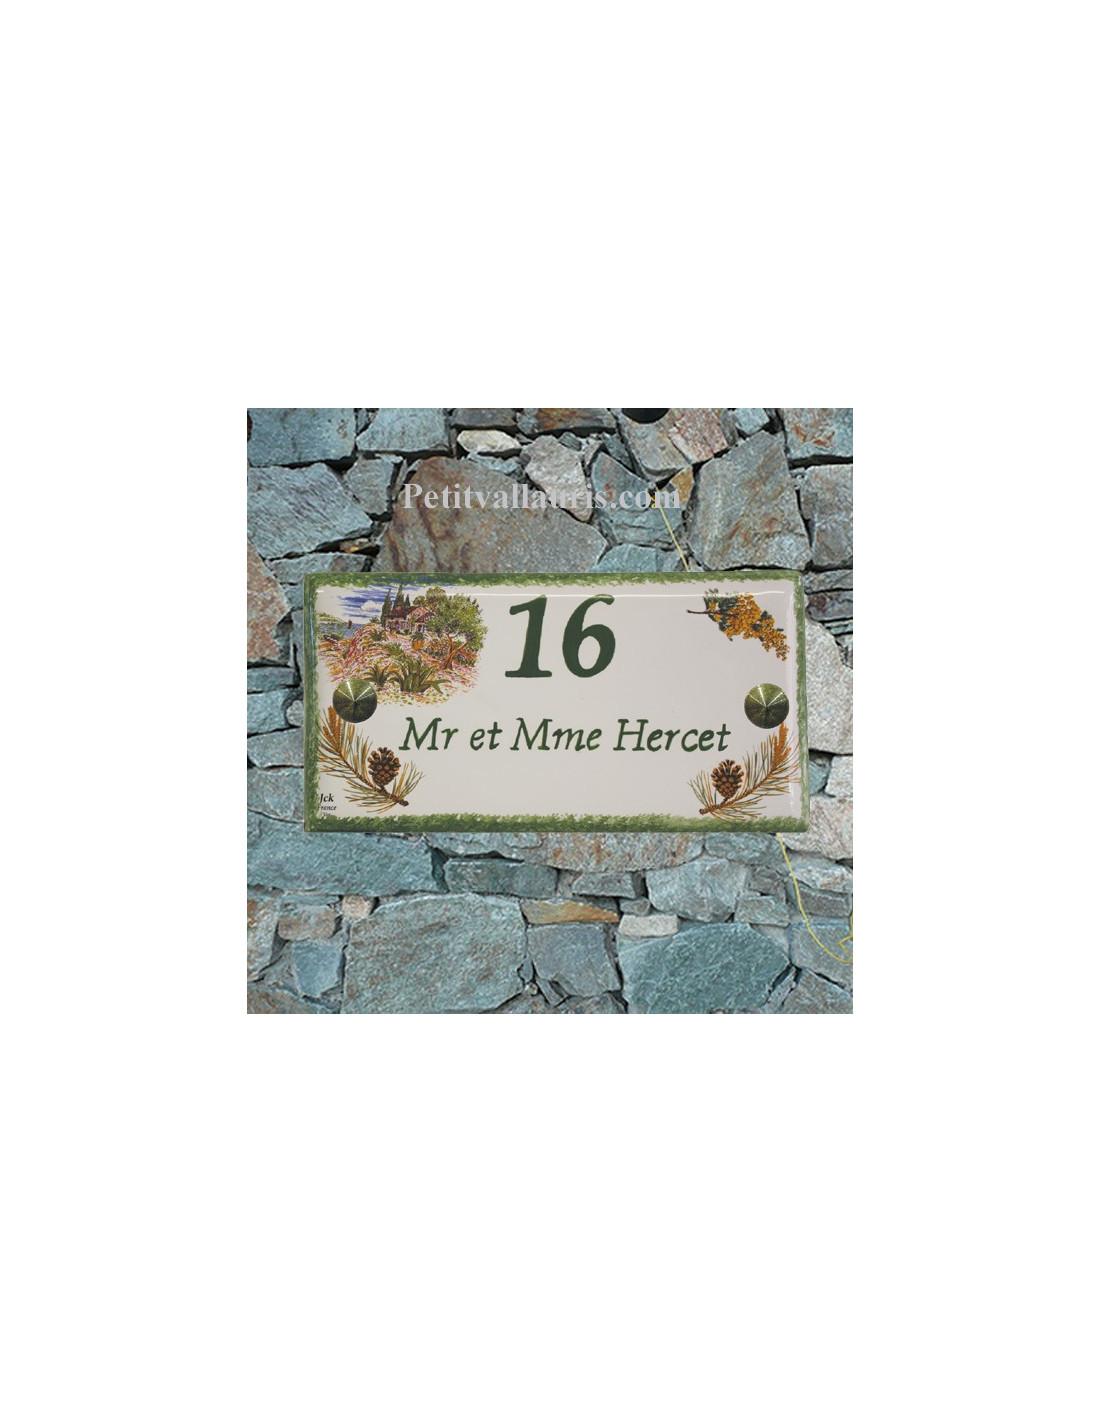 plaque de maison faience maill e d cor paysage calanque provence et pomme de pin inscription. Black Bedroom Furniture Sets. Home Design Ideas